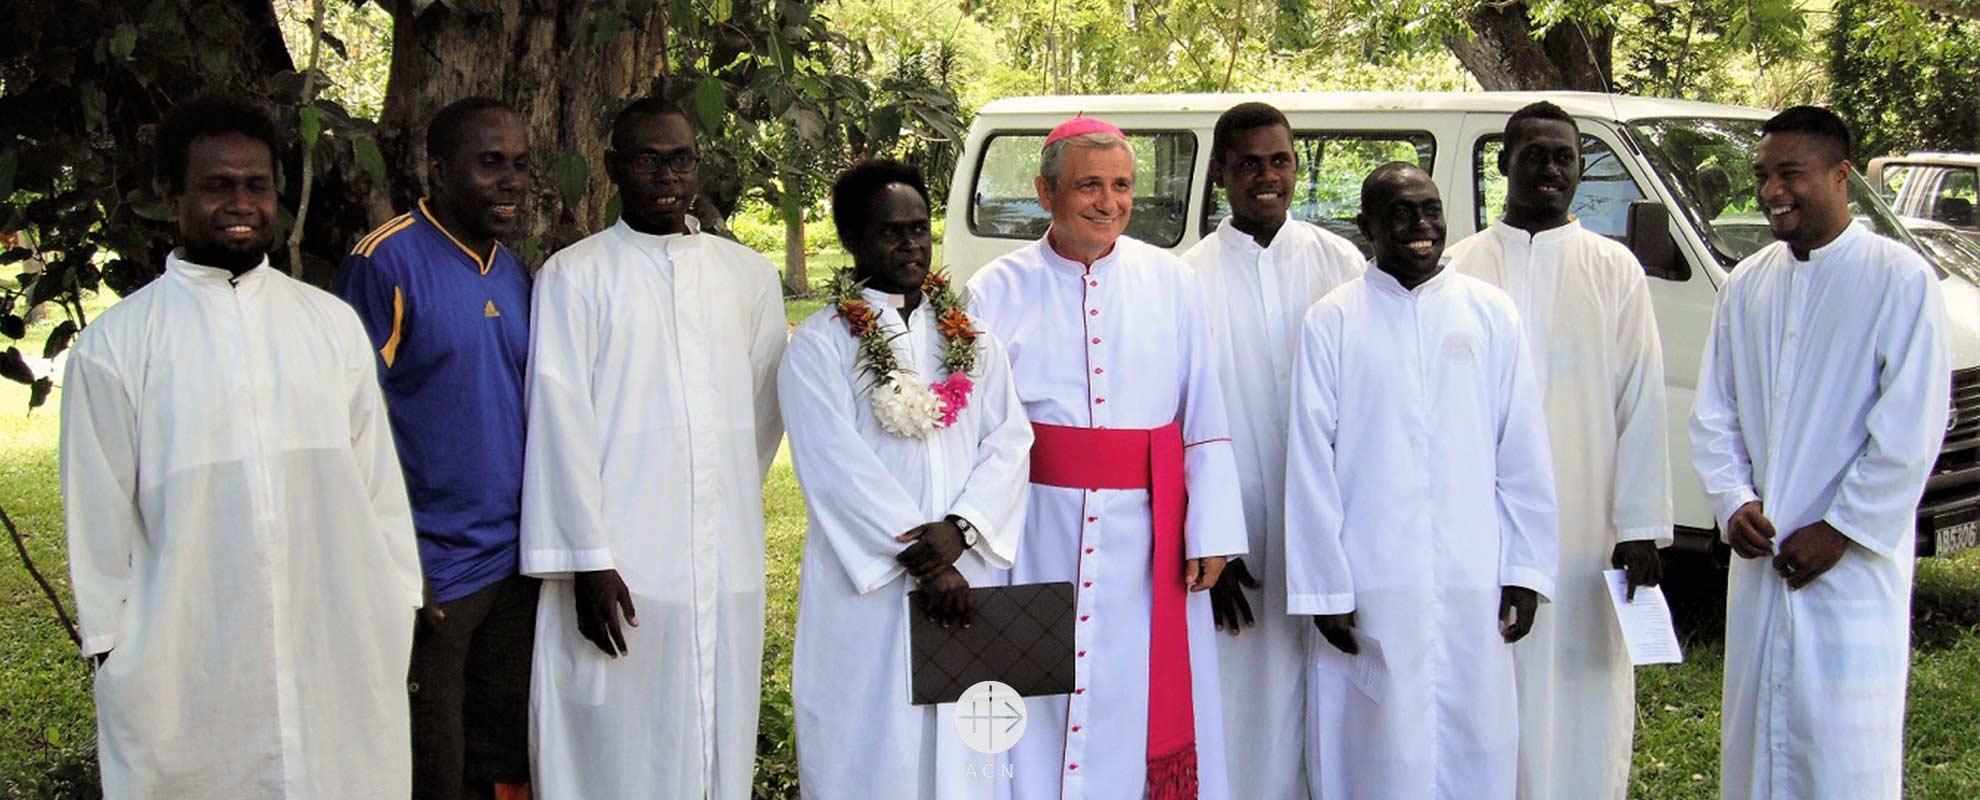 Islas Salomón: Ayuda a la formación de doce futuros sacerdotes